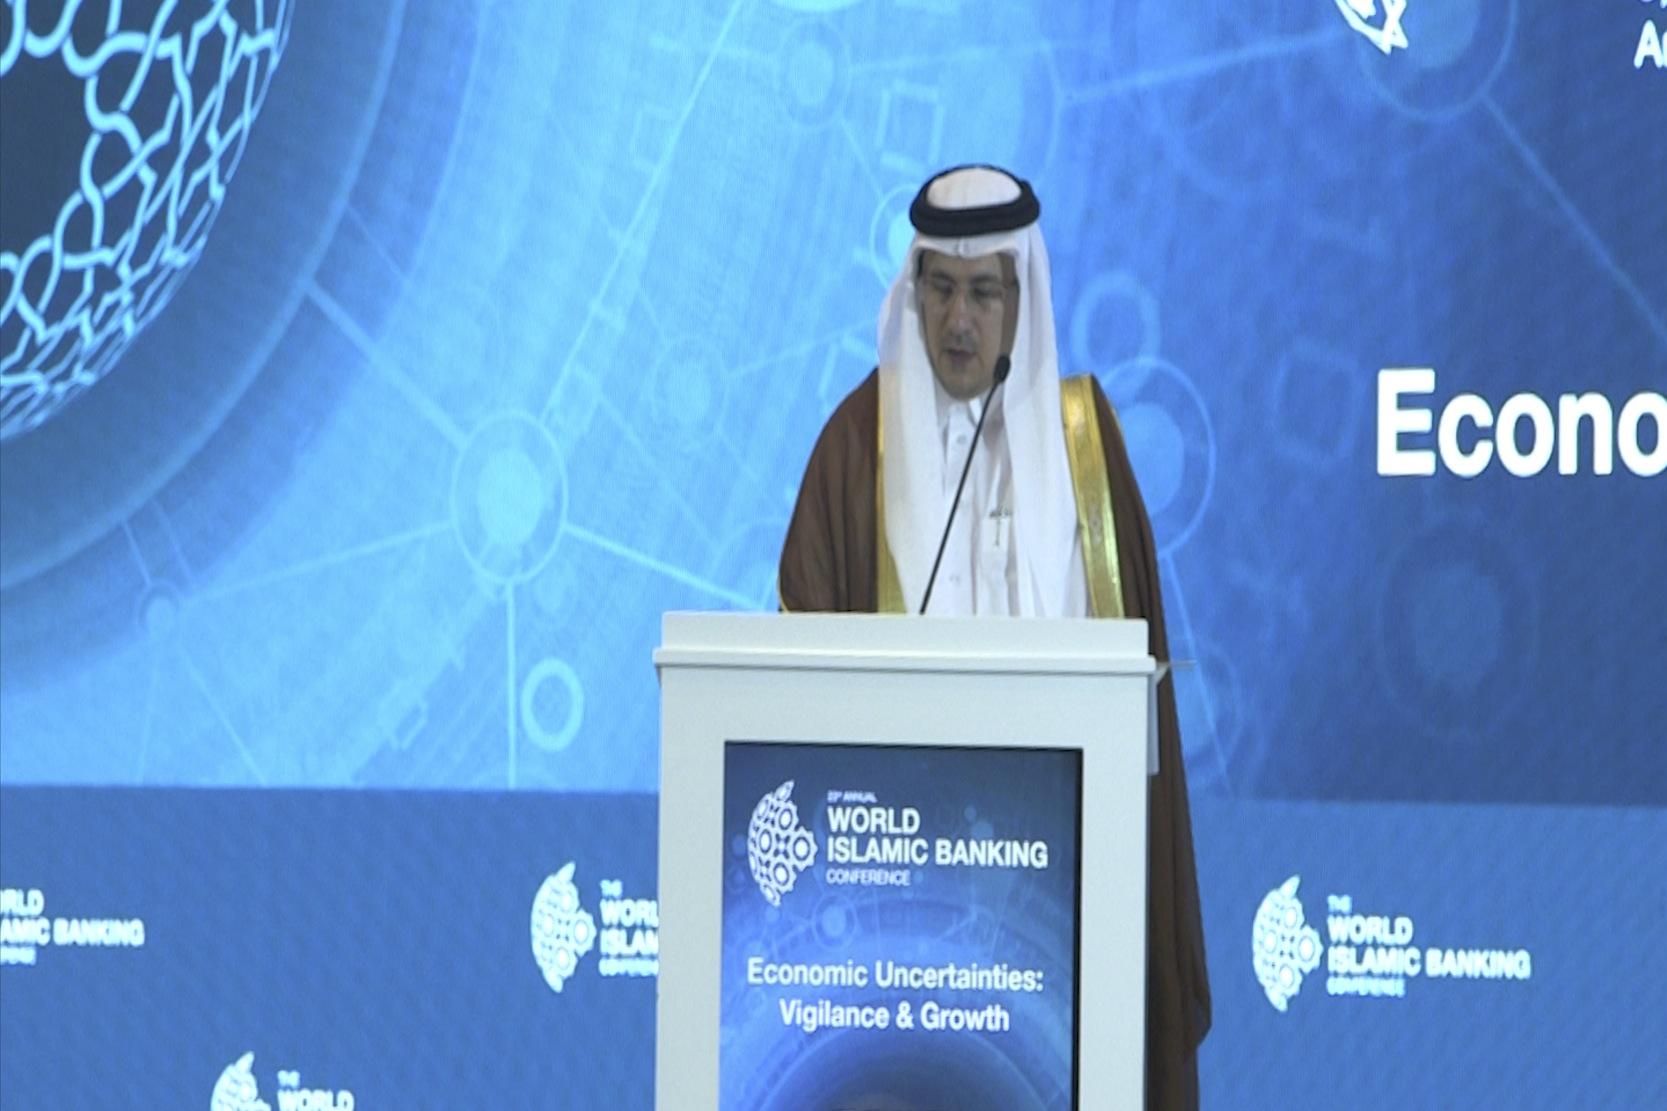 محافظ ساما: السعودية تمتلك 19% من الأصول الإسلامية بالعالم ونحتاج لموازنة التأويلات وخلافات الفقه - CNNArabic.com